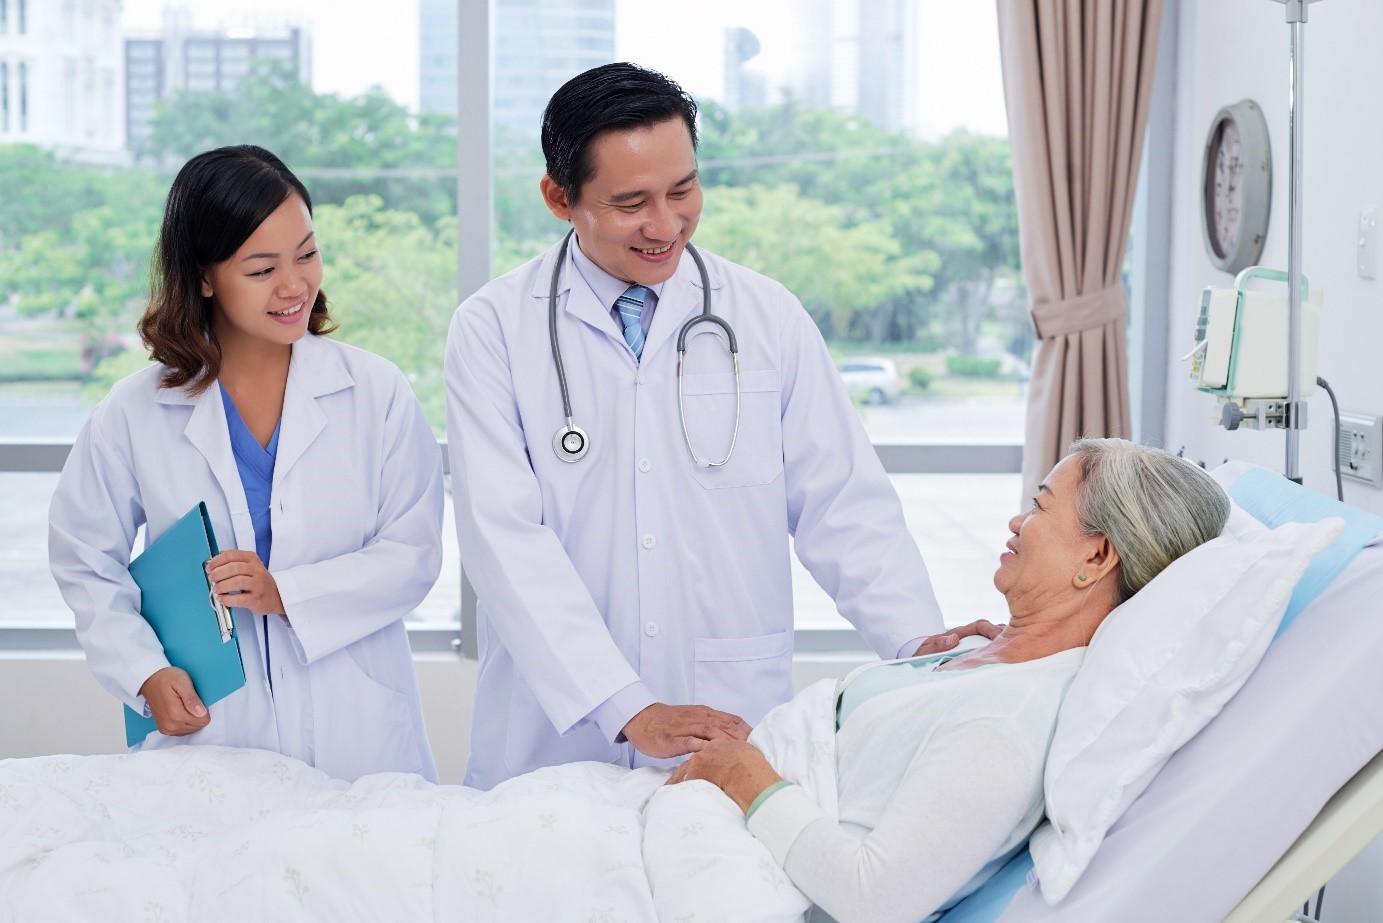 Đảo Phượng Hoàng còn ghi điểm với khách hàng với tiện ích chăm sóc sức khỏe hàng đầu Việt Nam. Ảnh: Novaland.